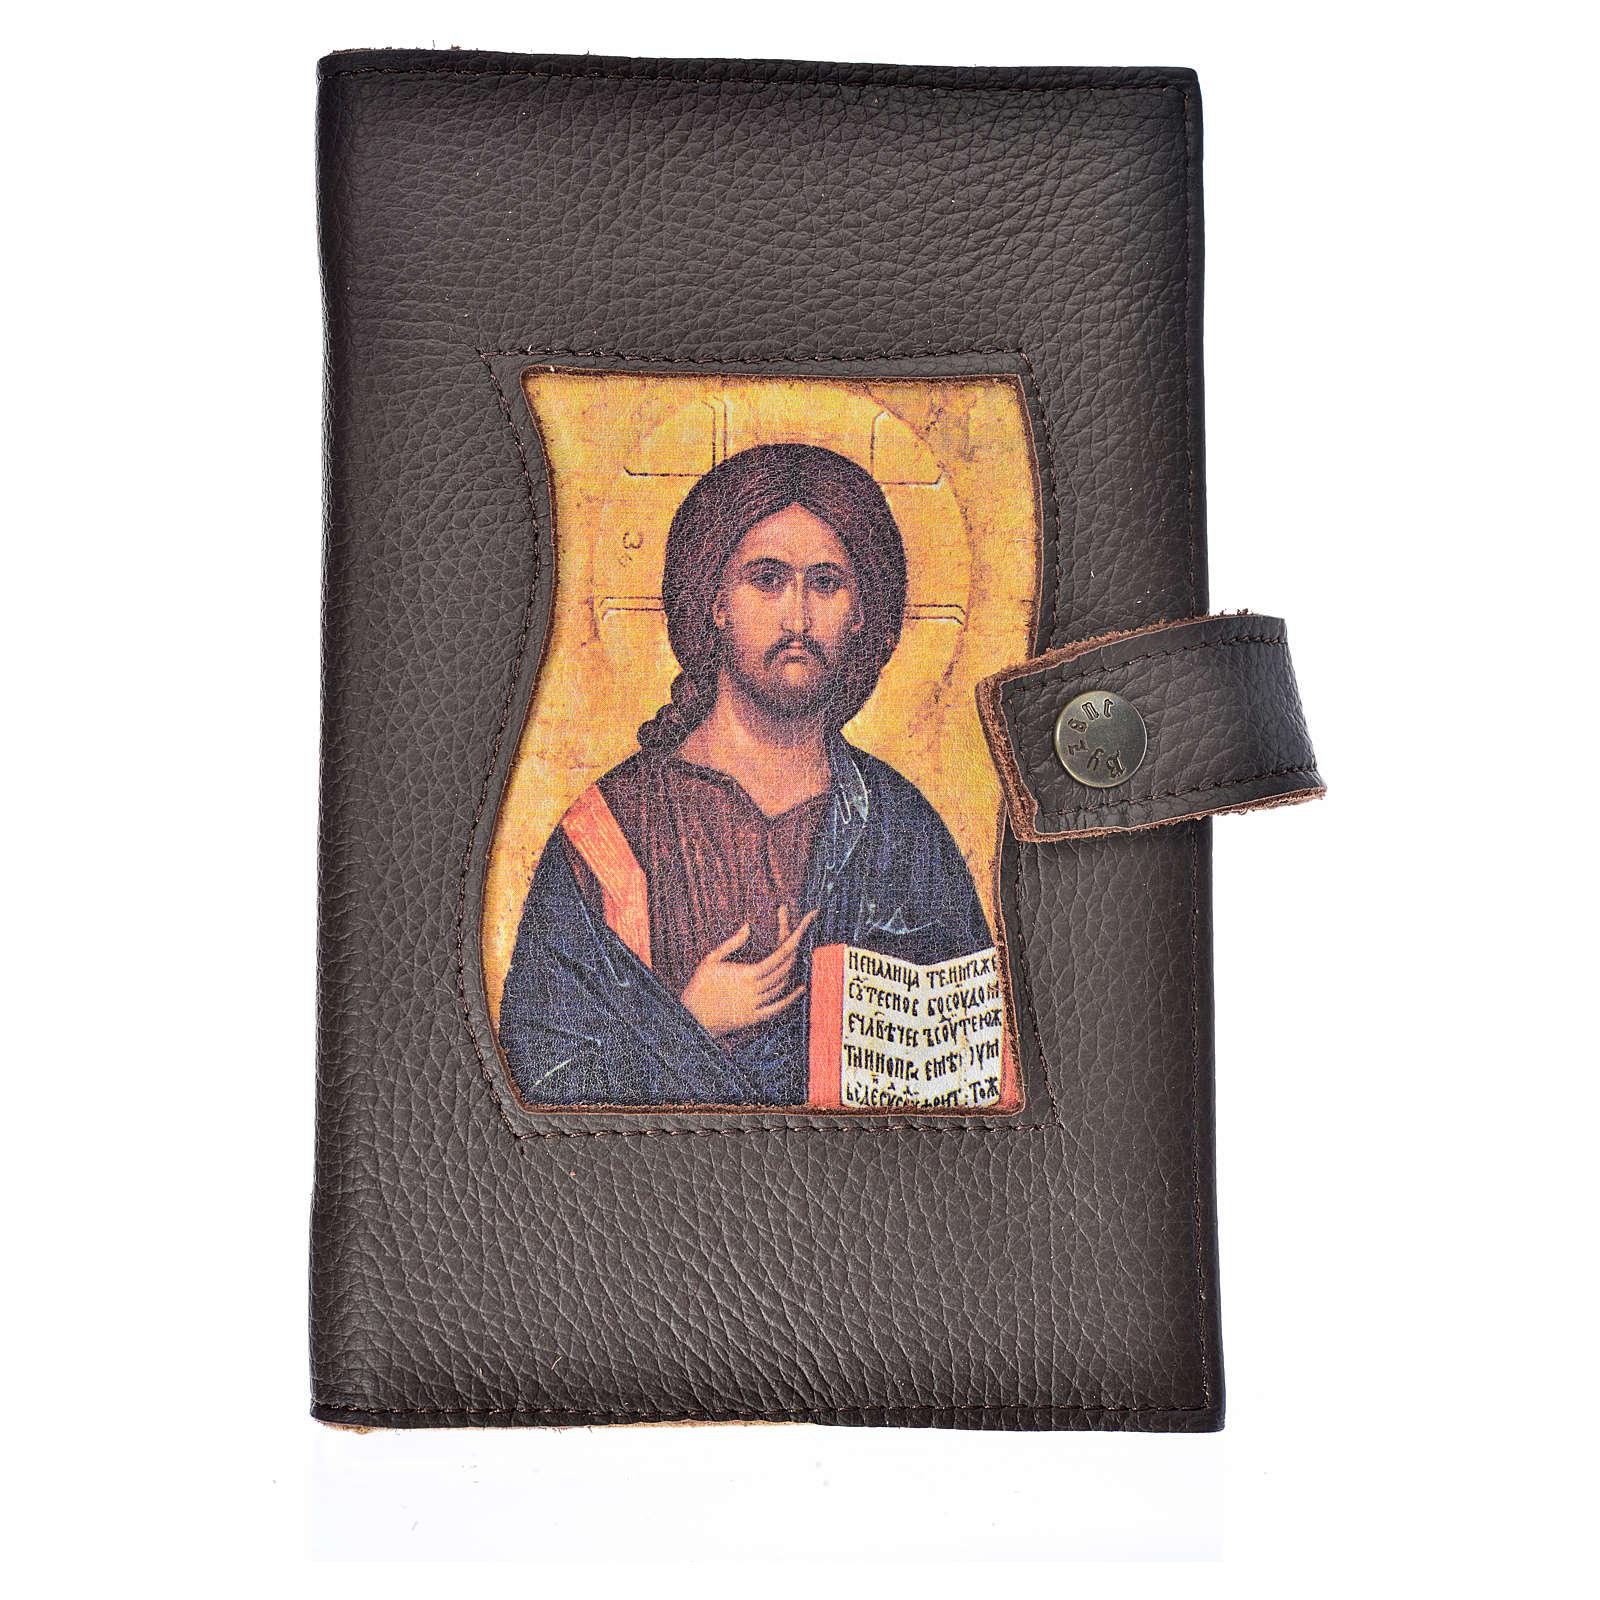 Funda Biblia Jerusalén Nueva Ed. cuero marrón oscuro 4